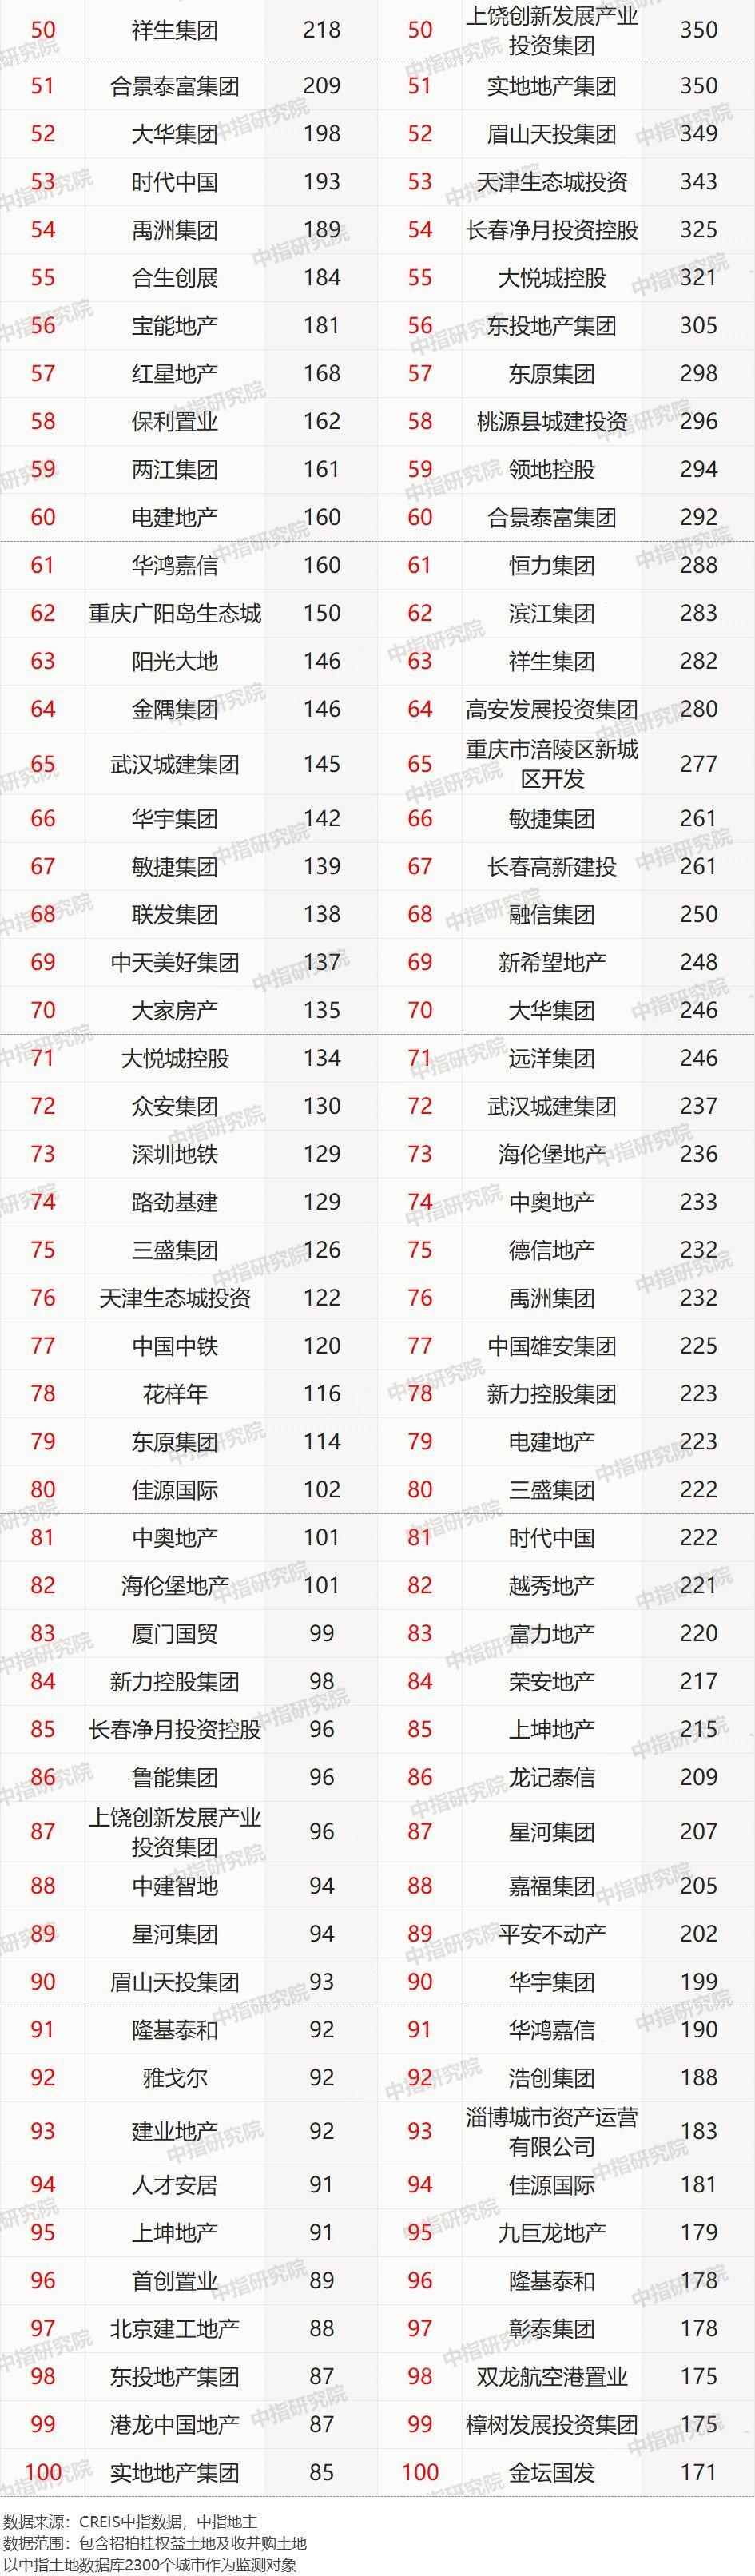 2020年全国房企拿地排行榜:碧桂园、万科、恒大遥遥领先